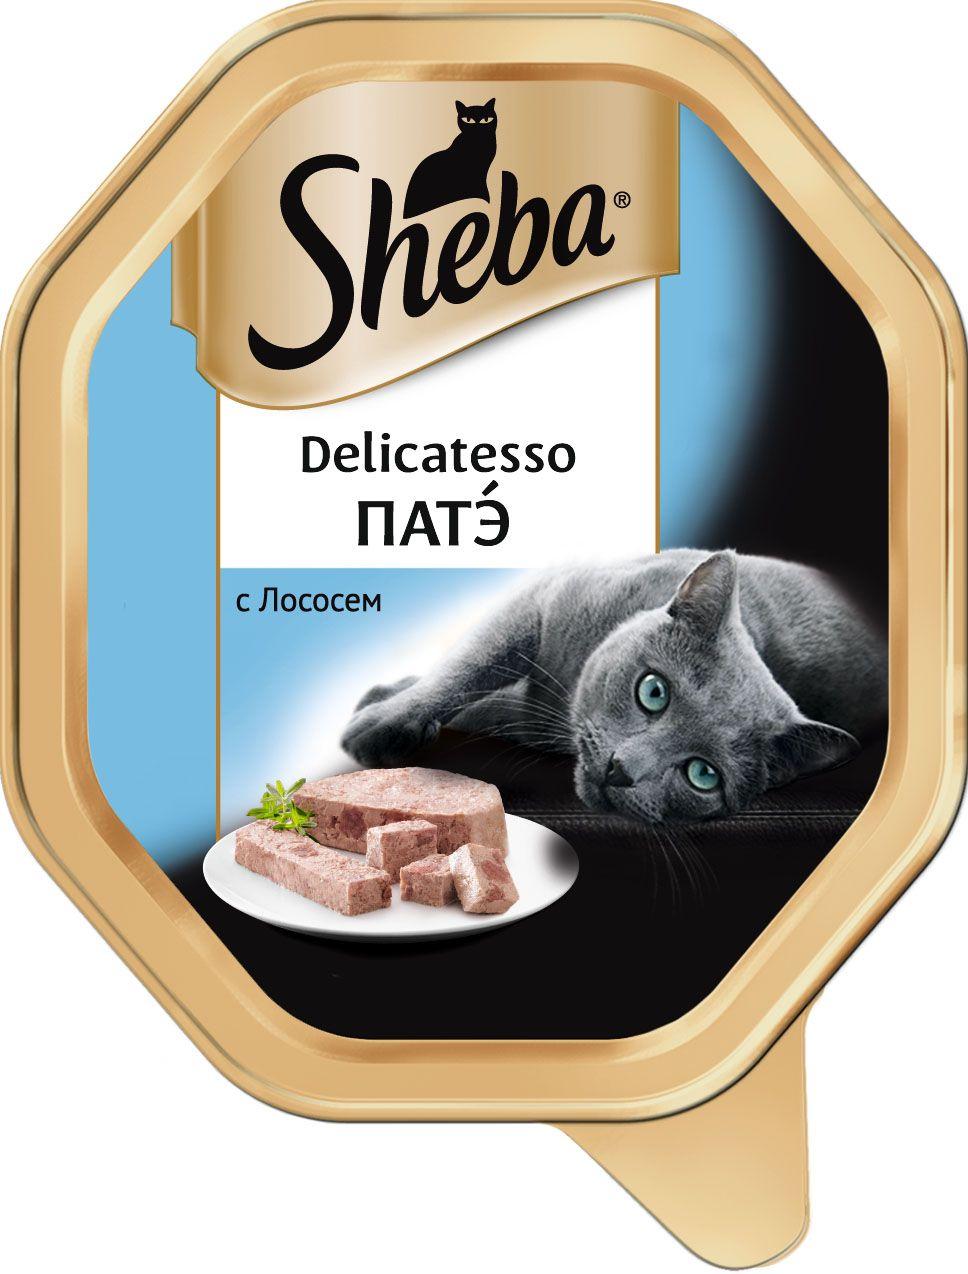 Корм консервированный Sheba Delicatesso, для взрослых кошек, от 1 года, патэ с лососем, 85 г х 22 шт80689Что выберет ваша кошка сегодня – патэ или фрикассе? Встречайте пленительную новинку от Sheba - Delicatesso! Насыщенный рыбный вкус и необычное сочетание паштета и ломтиков рыбы не оставит вашу любимицу равнодушной, а особая сервировка подчеркнет все богатство вкуса изысканного деликатеса!